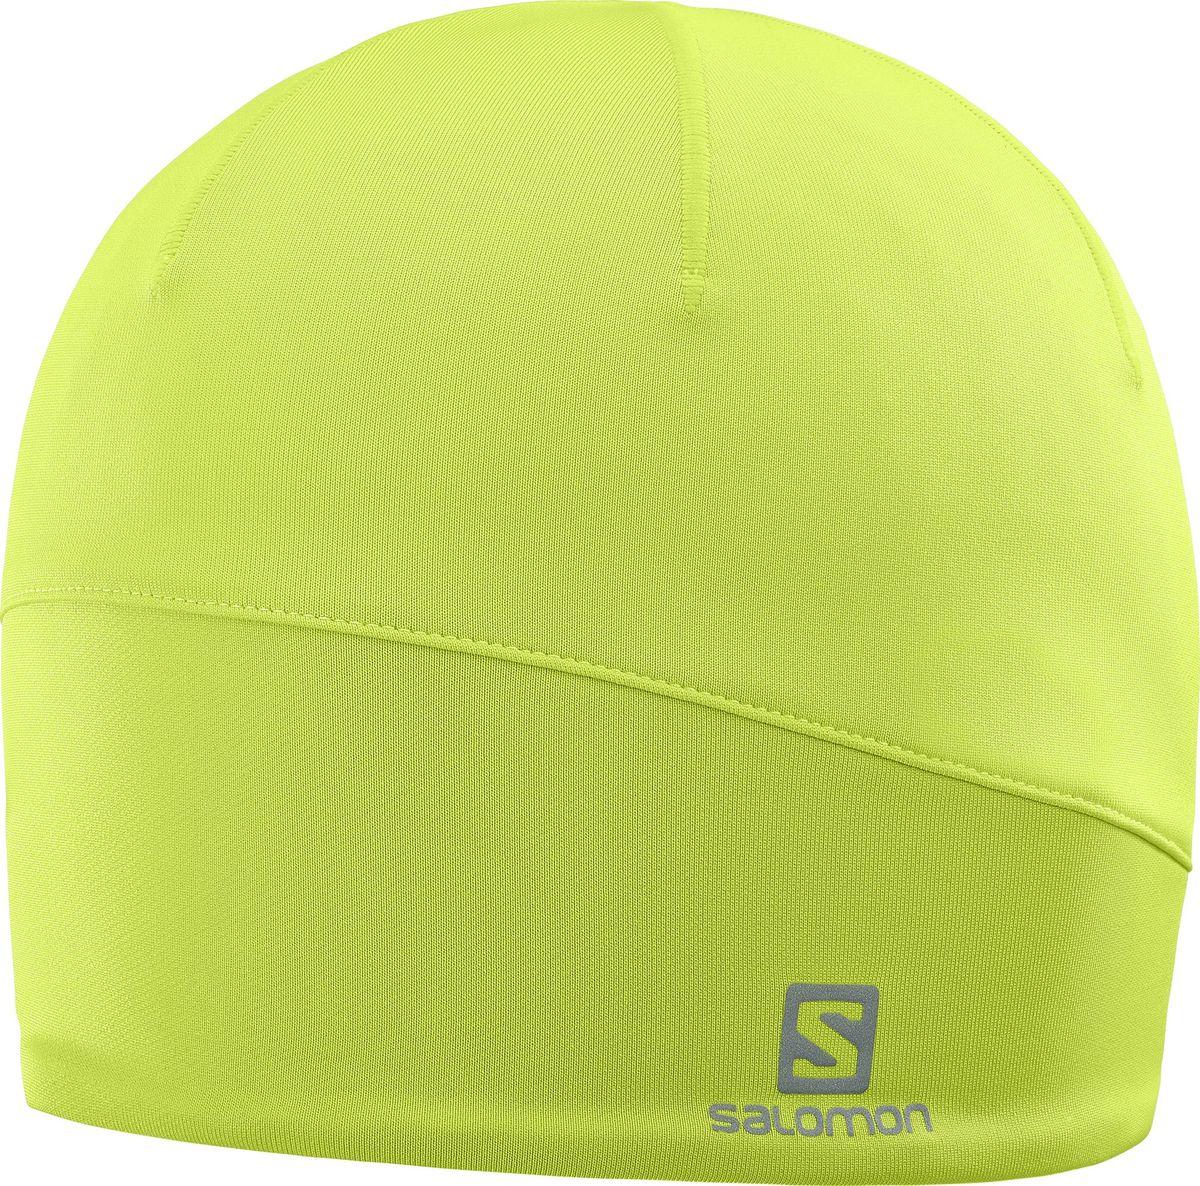 Шапка Salomon Active Beanie, цвет: зеленый. L39492200. Размер универсальныйL39492200Легкая, компактная и теплая шапка ACTIVE BEANIE из микрофлиса получила обновленный дизайн и светоотражающую отделку сзади.